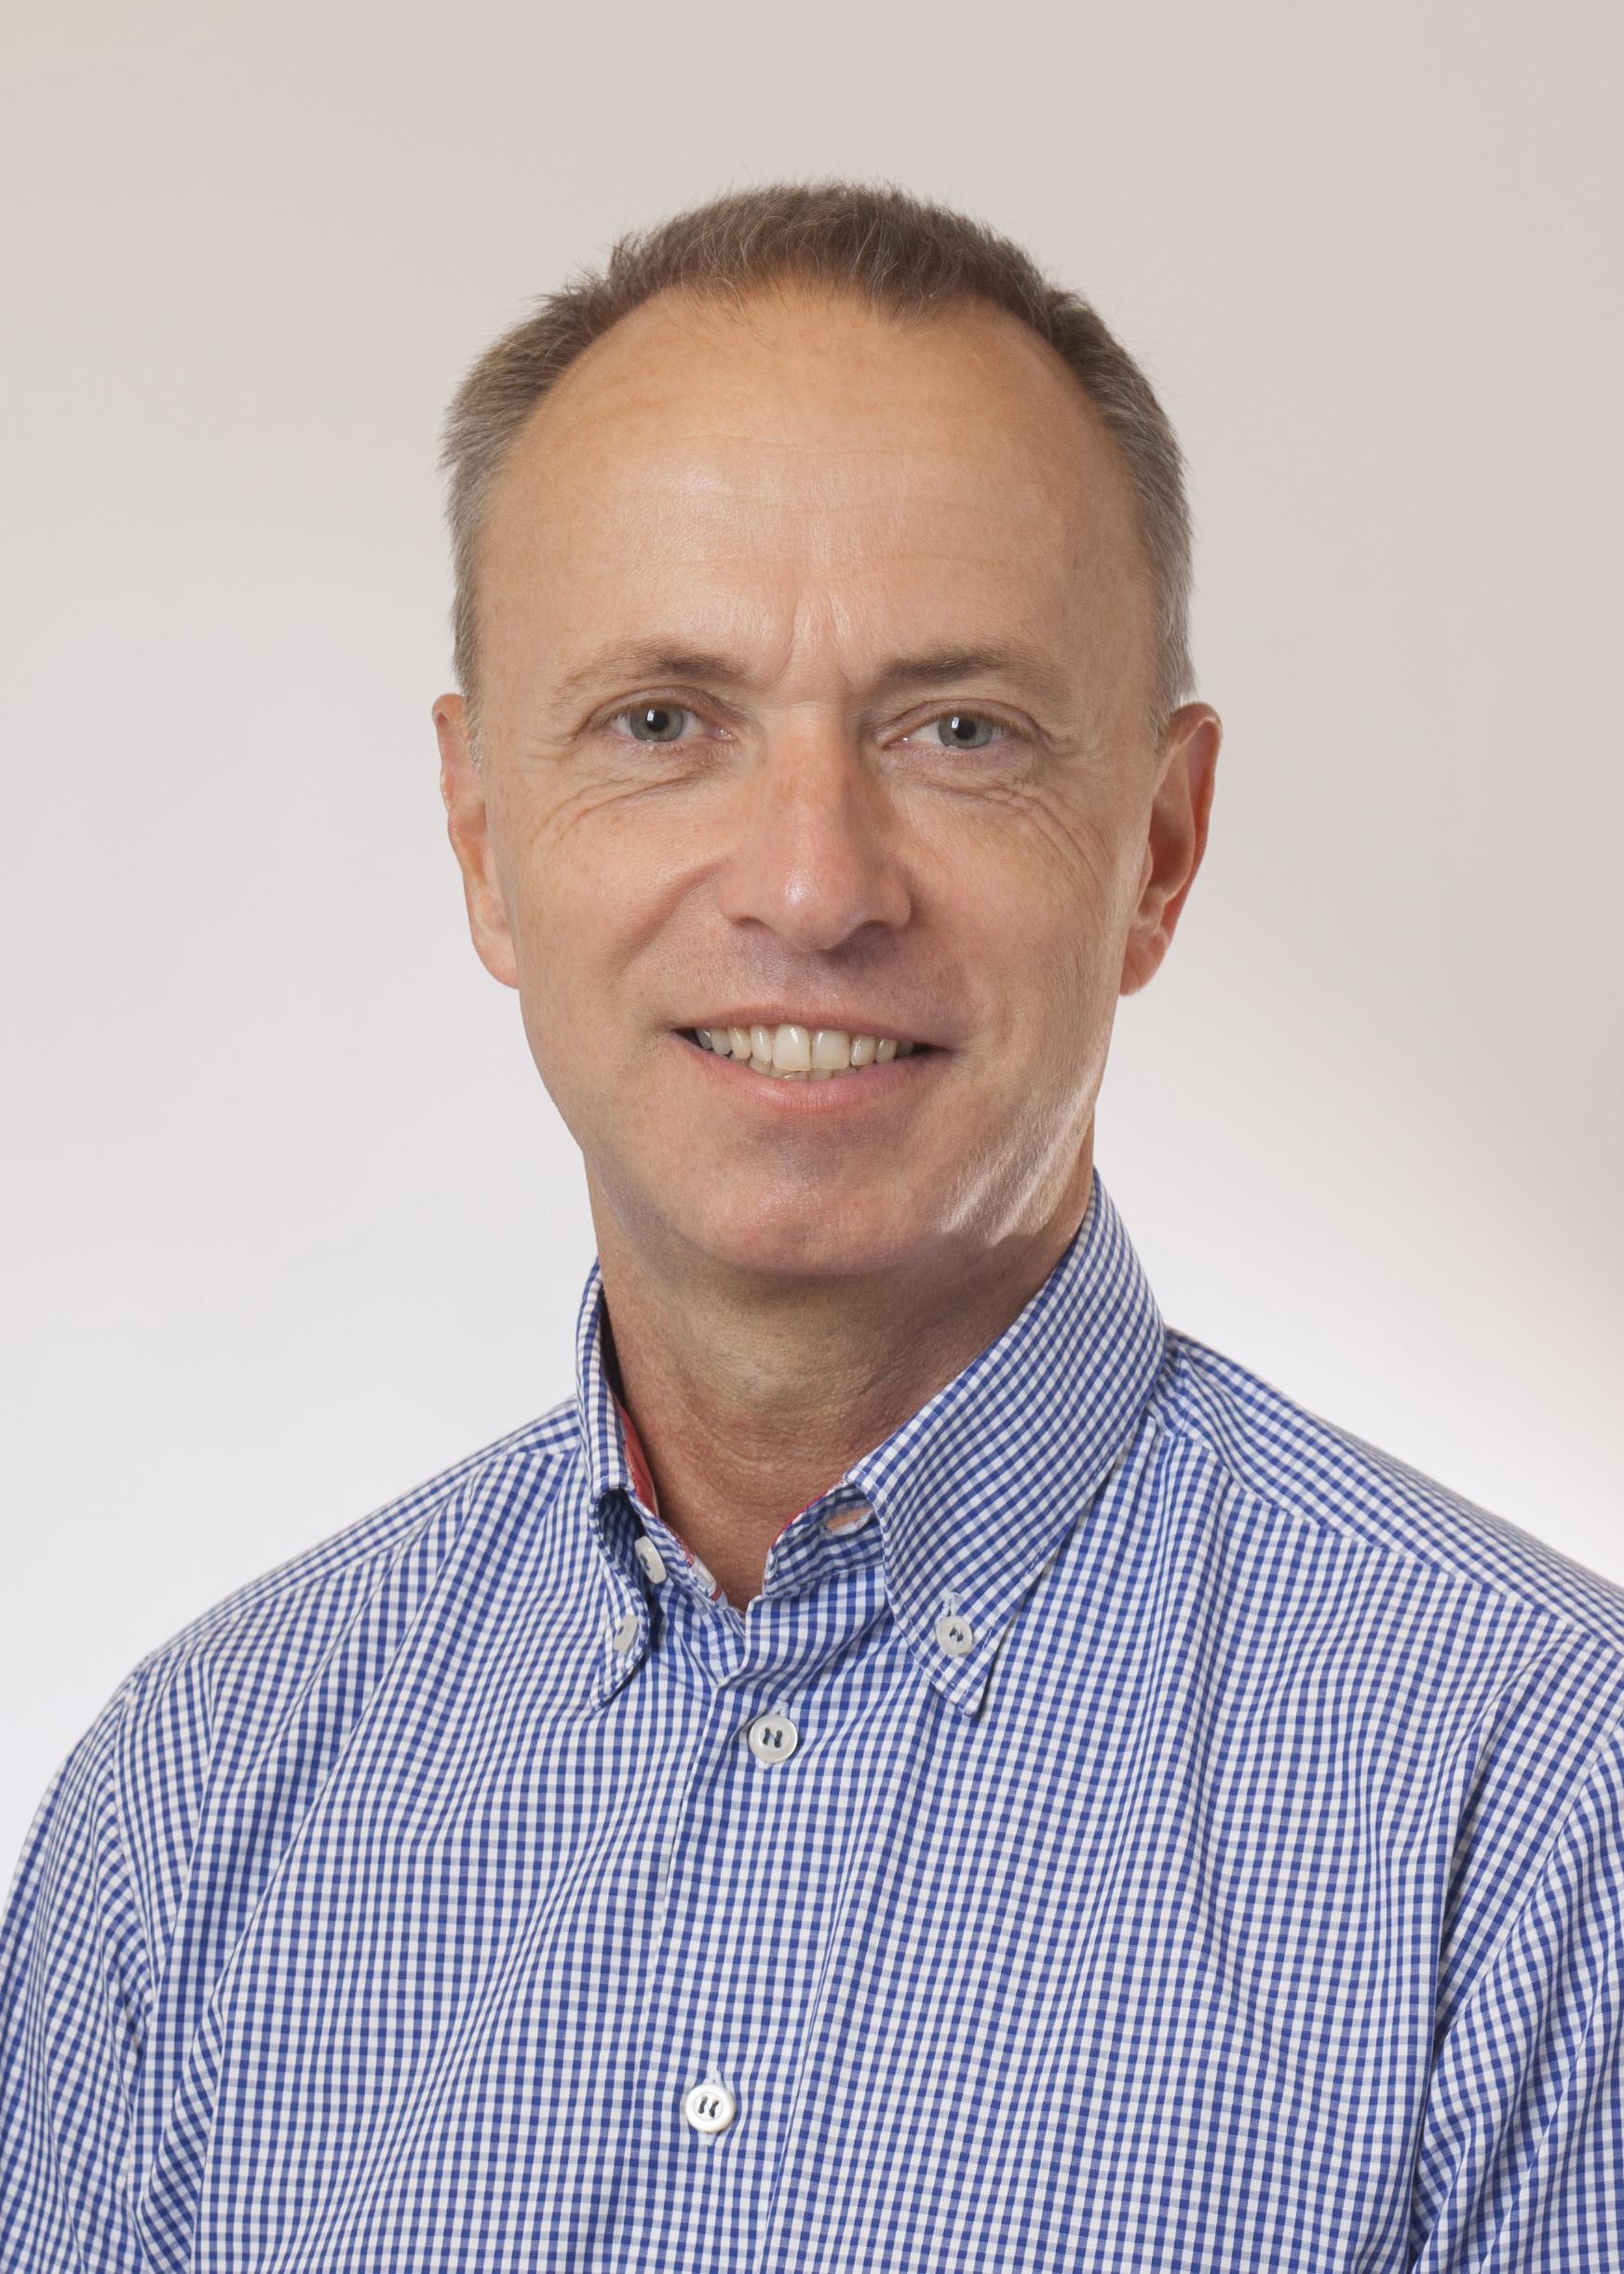 Esben Skipper Sørensen